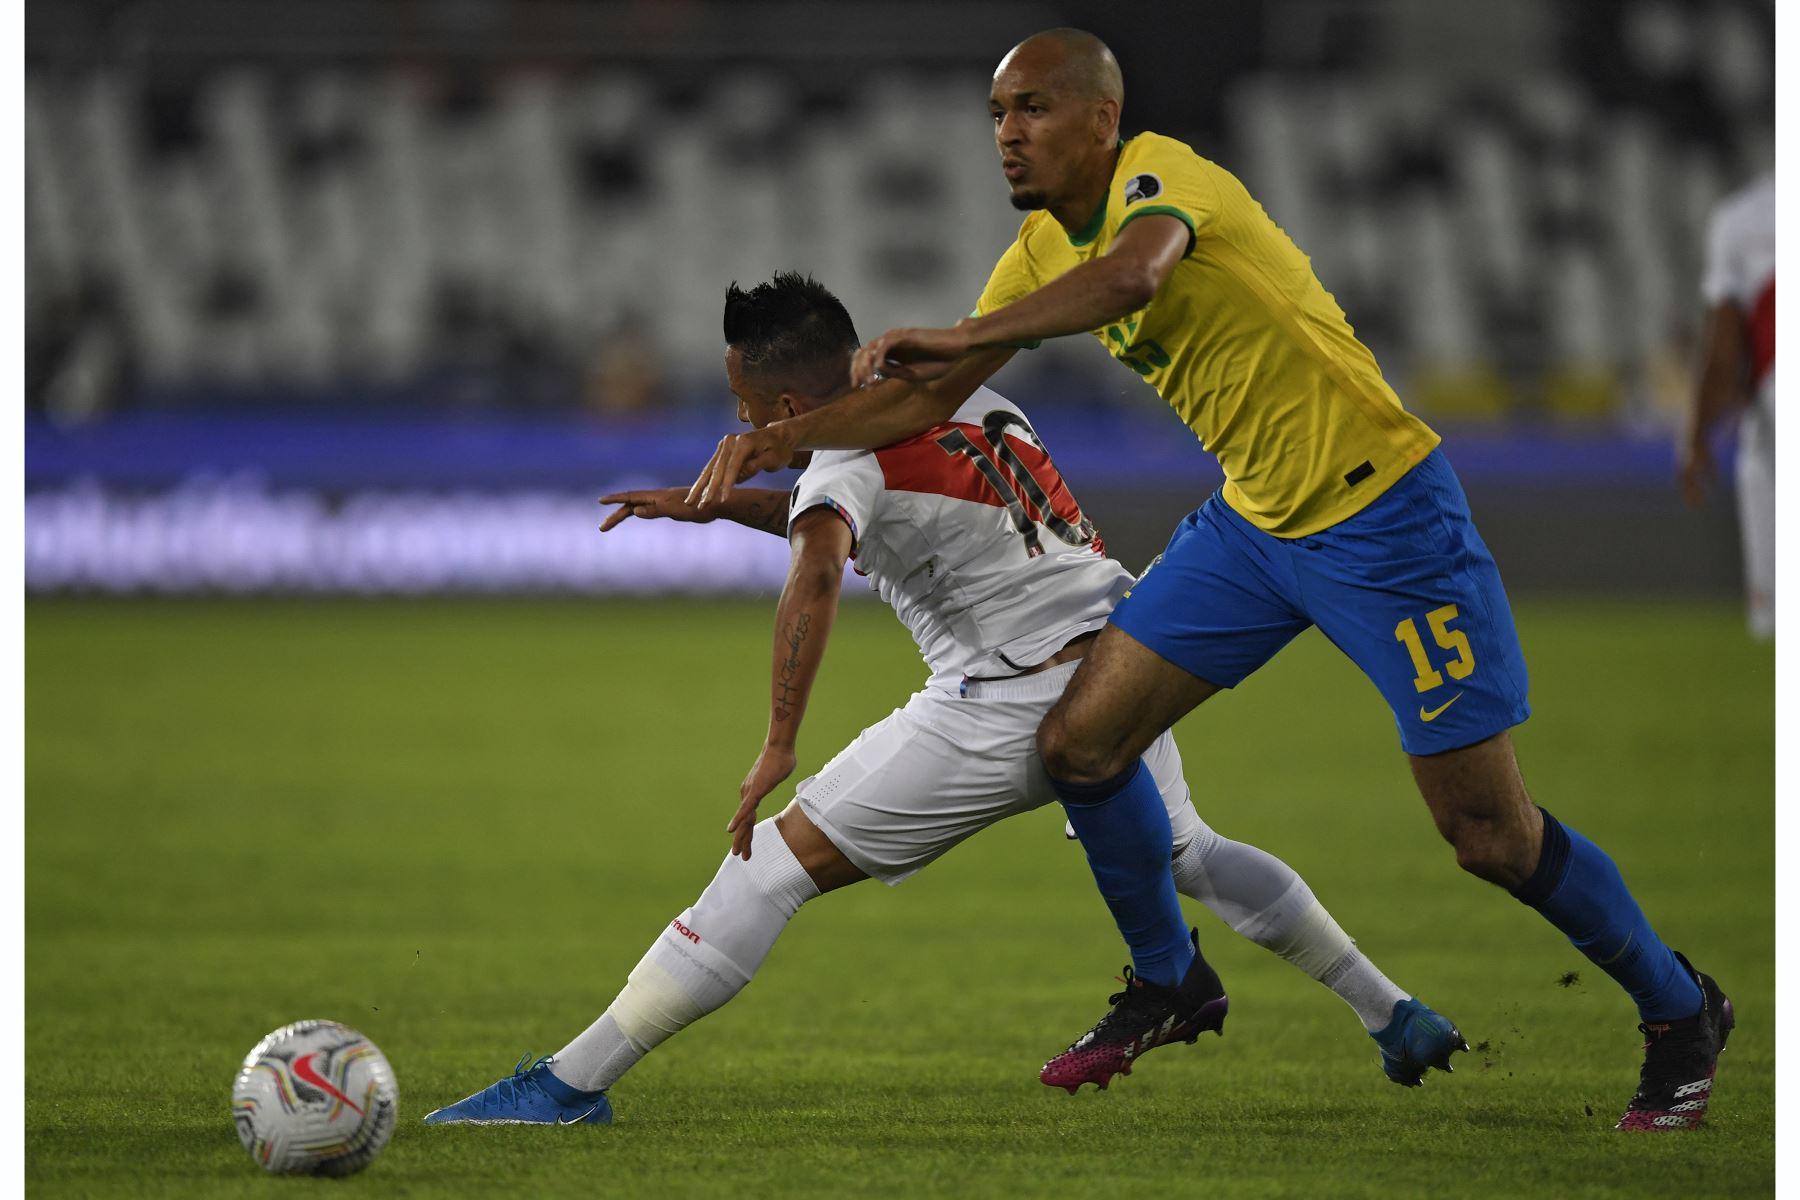 El brasileño Fabinho y el peruano Christian Cueva compiten por el balón durante el partido de la fase de grupos la Copa América, en el Estadio Nilton Santos de Río de Janeiro, Brasil. Foto: AFP